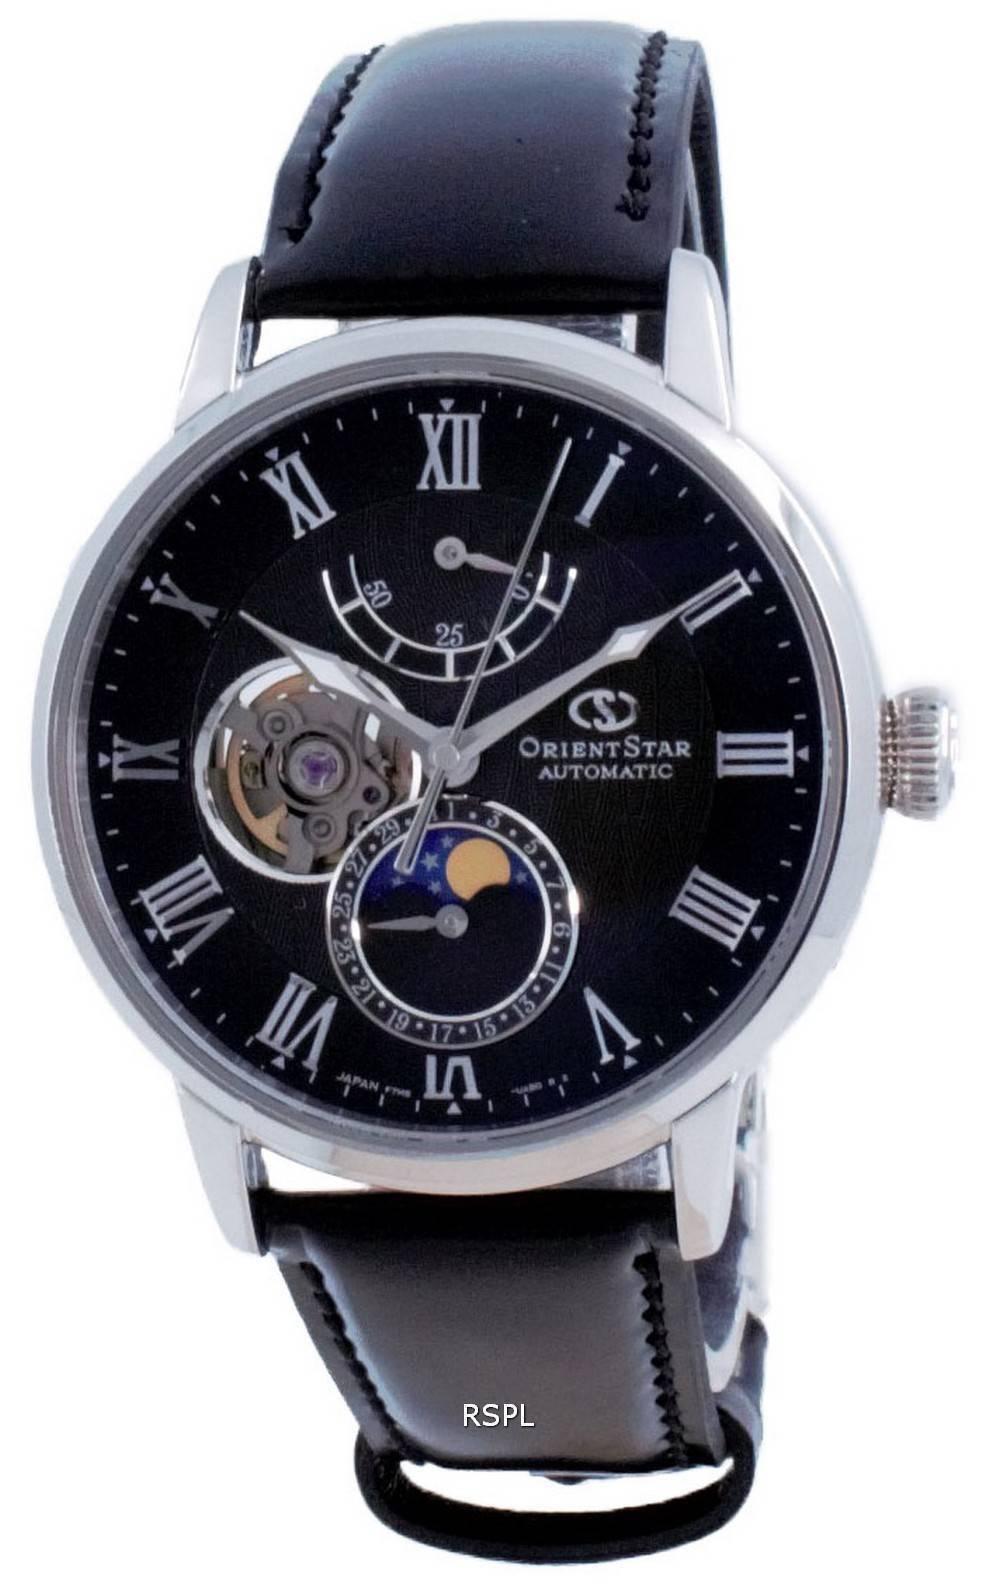 Orient Star Moon Phase avoimen sydämen automaattinen RE-AY0107N00B miesten kello